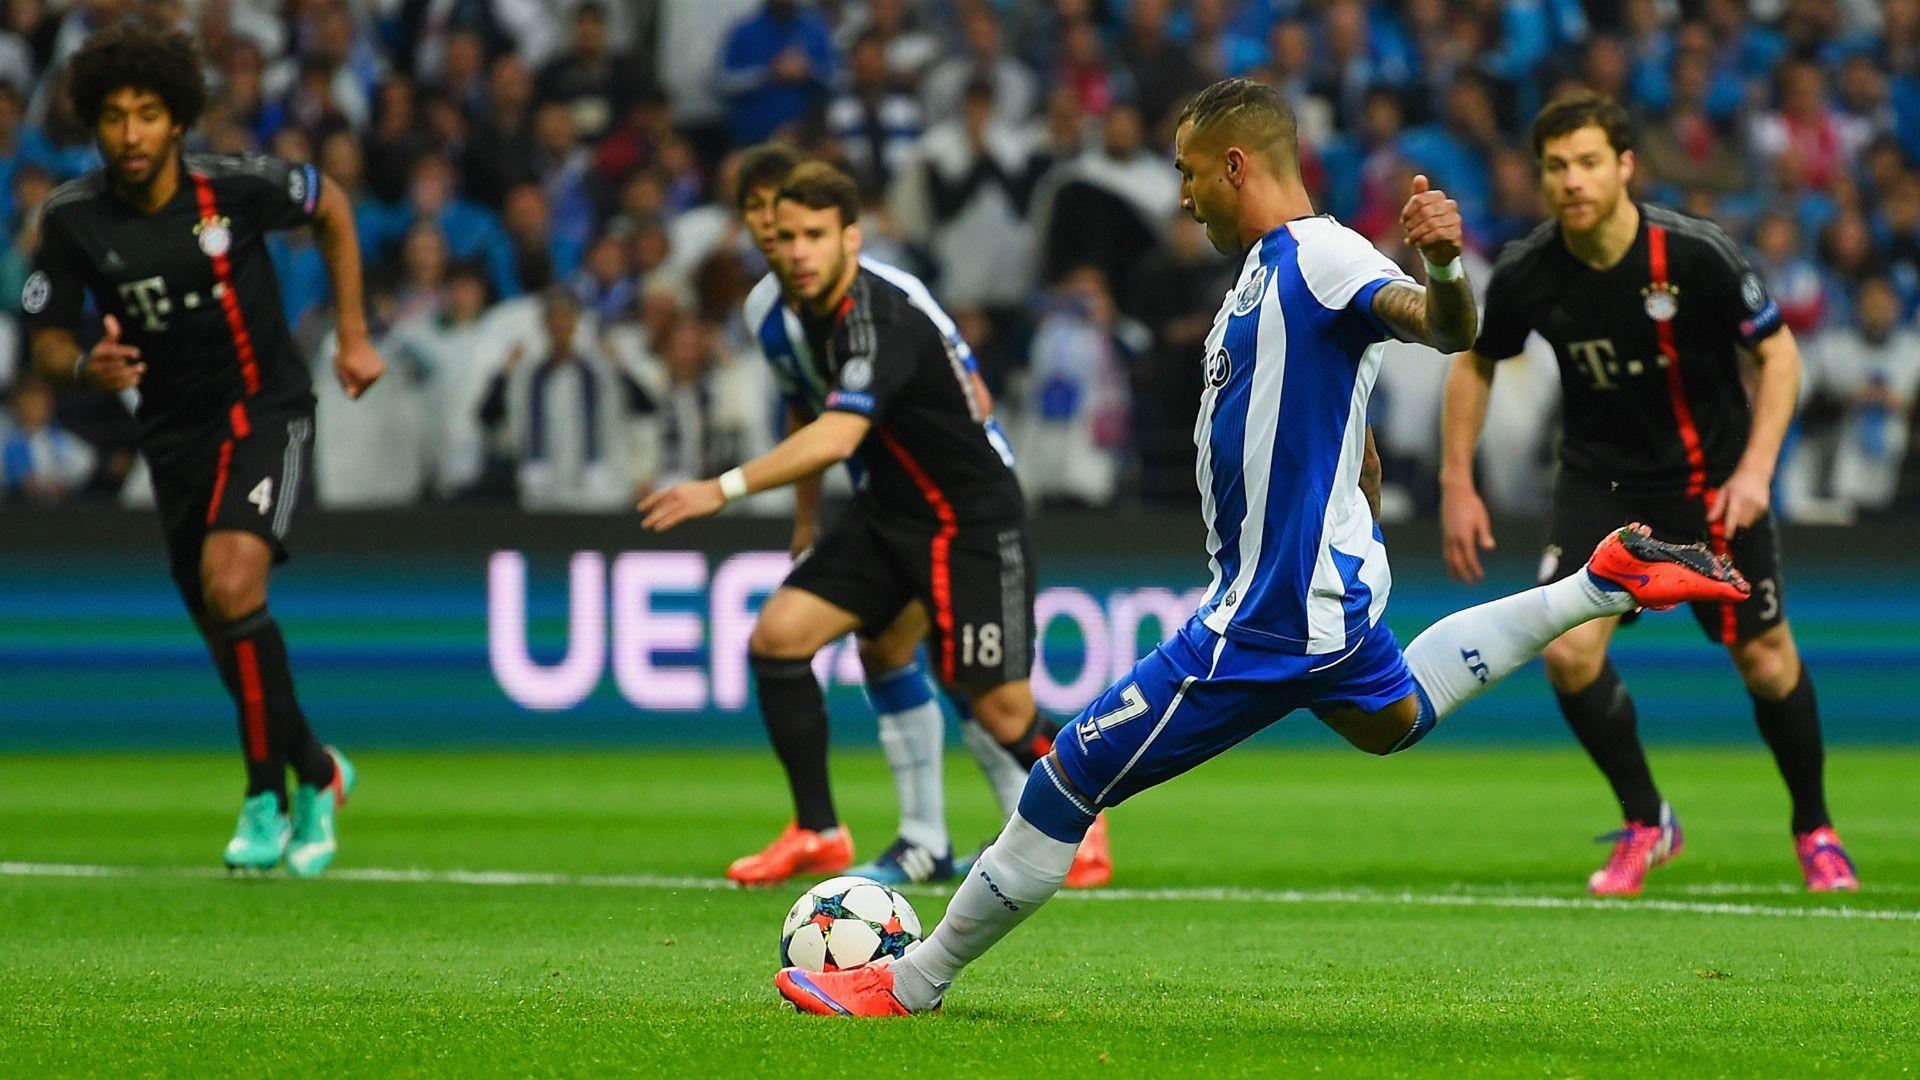 Porto Ricardo Quaresma #9ine | Futebol Clube do Porto | Pinterest